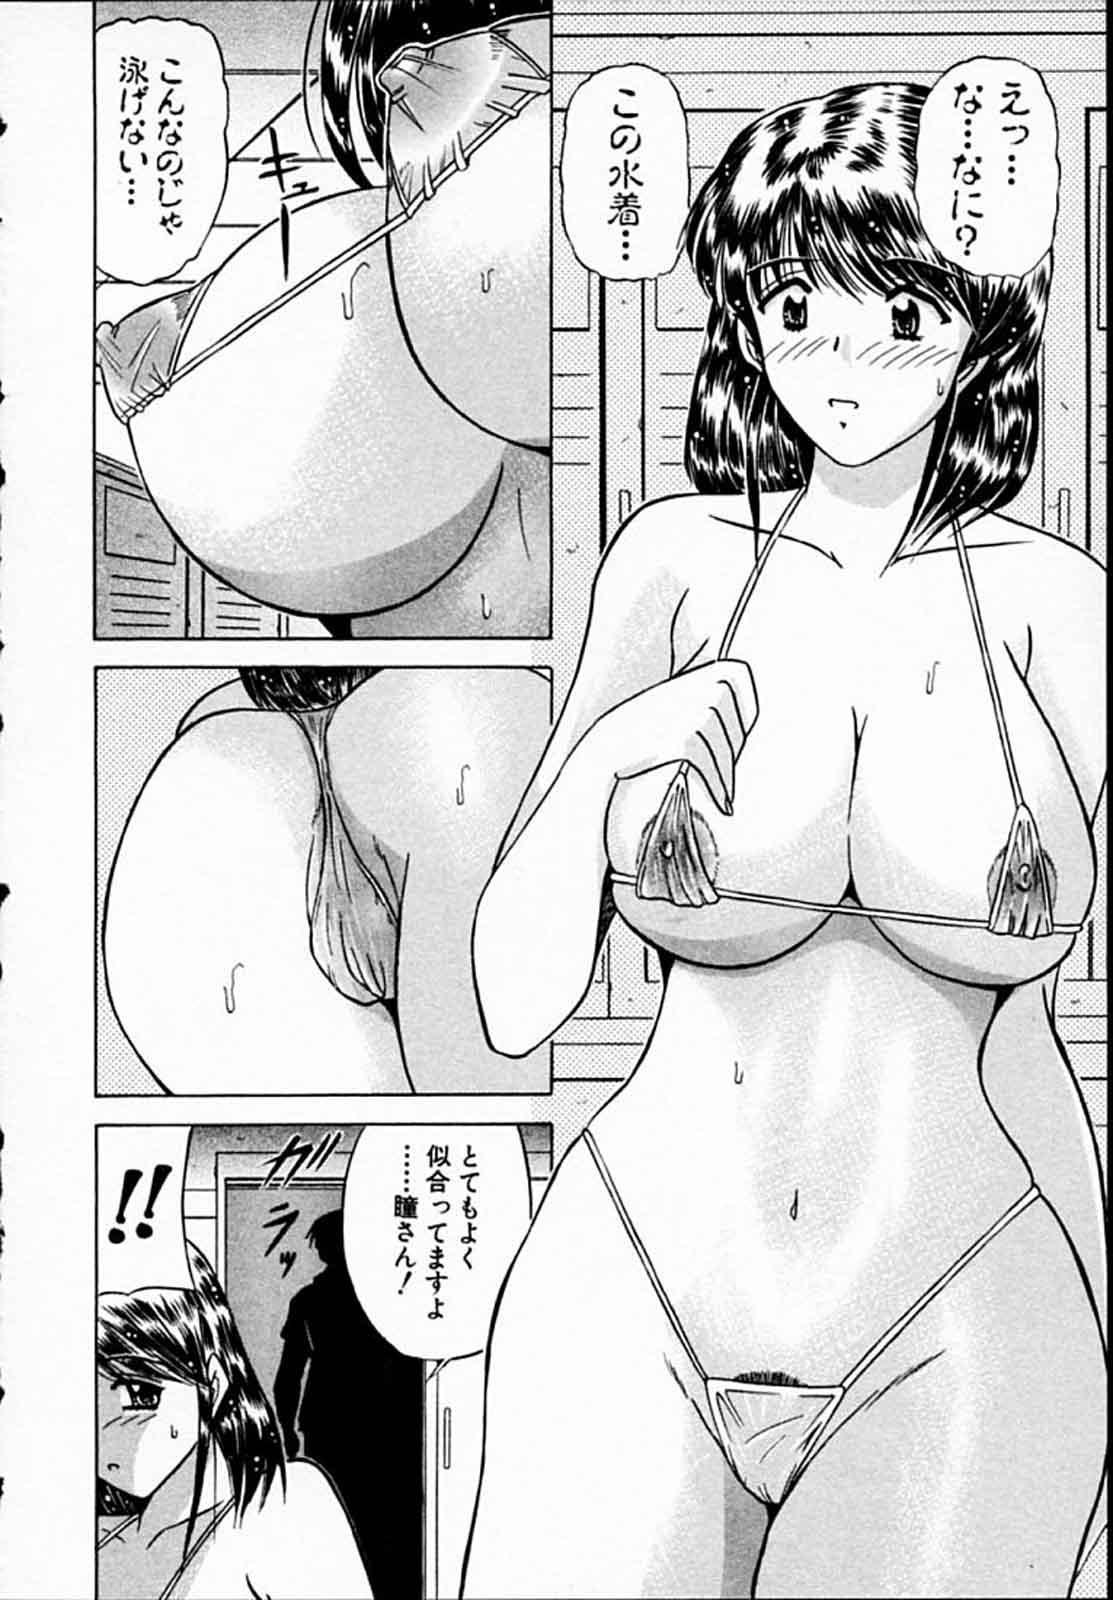 Hiyokko Nurse! 102